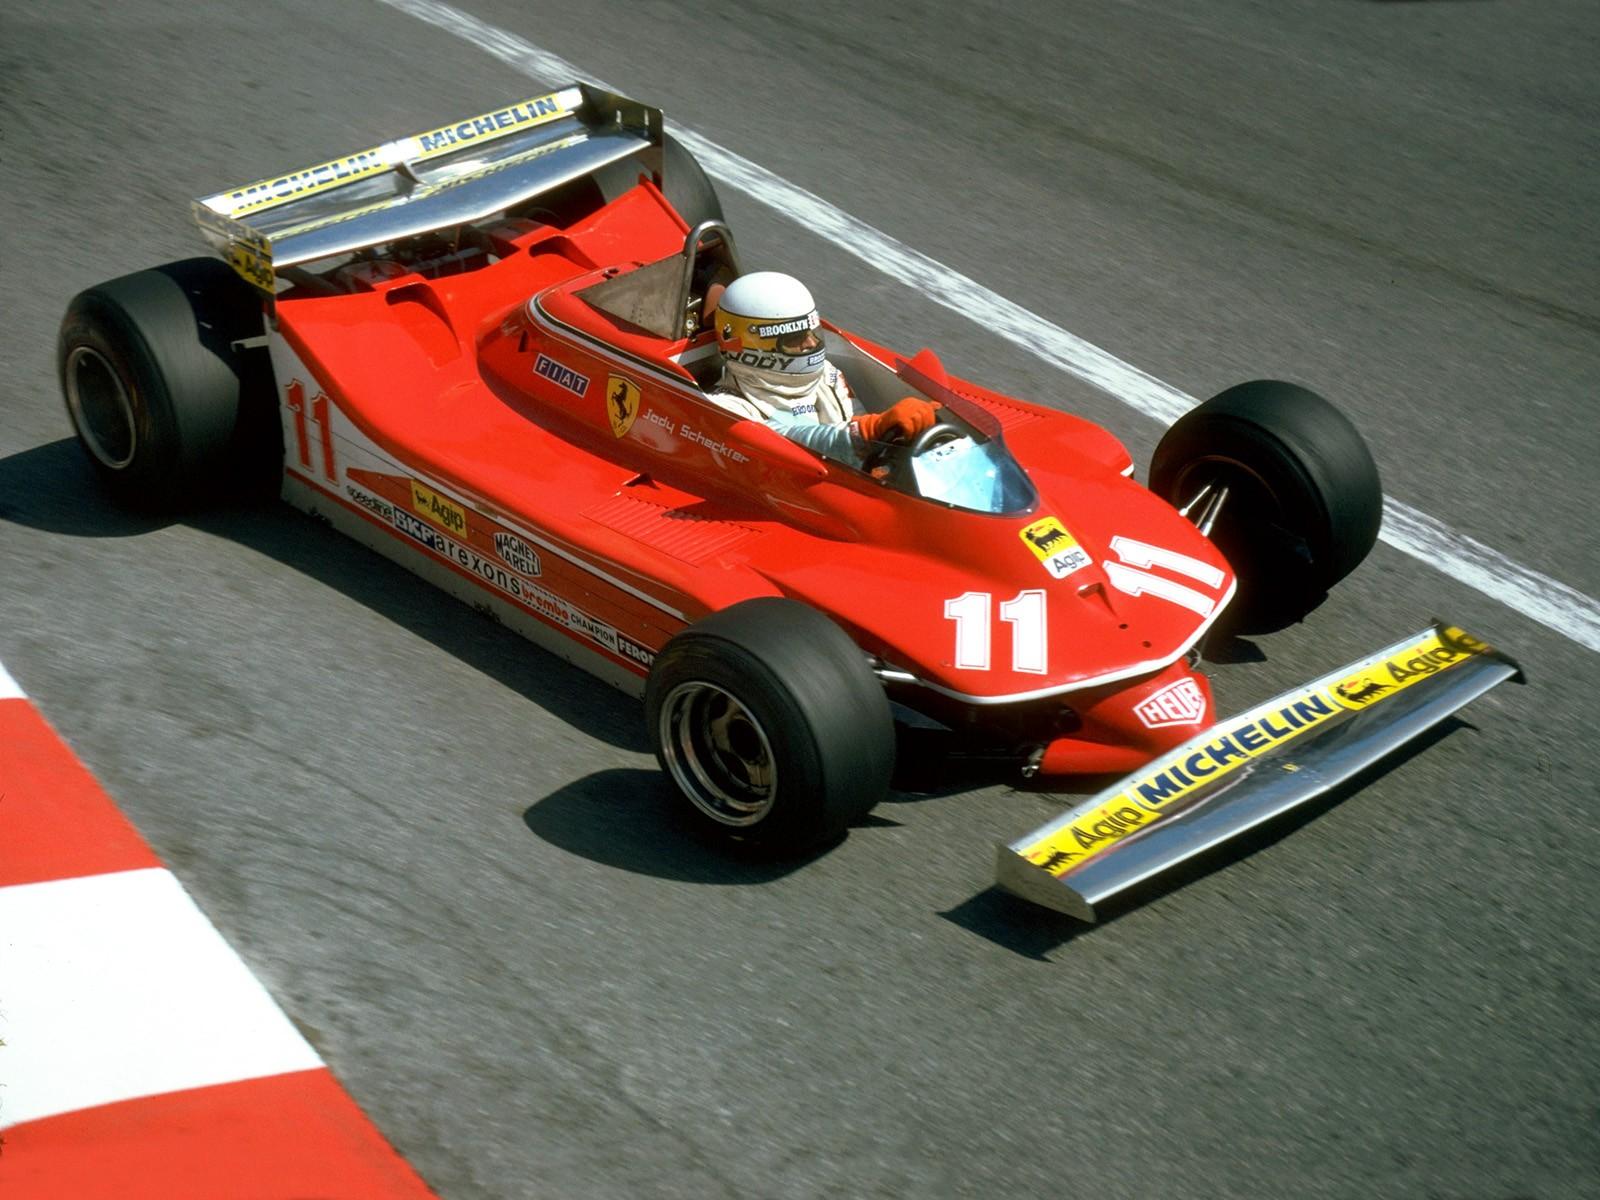 Ferrari 312 T4 F12 F1 1979